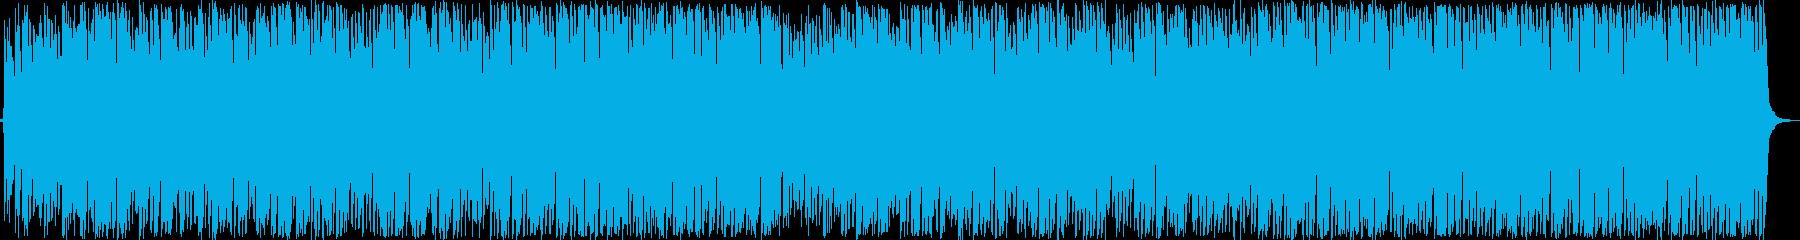 シンプルで楽しいカントリー風ポップの再生済みの波形